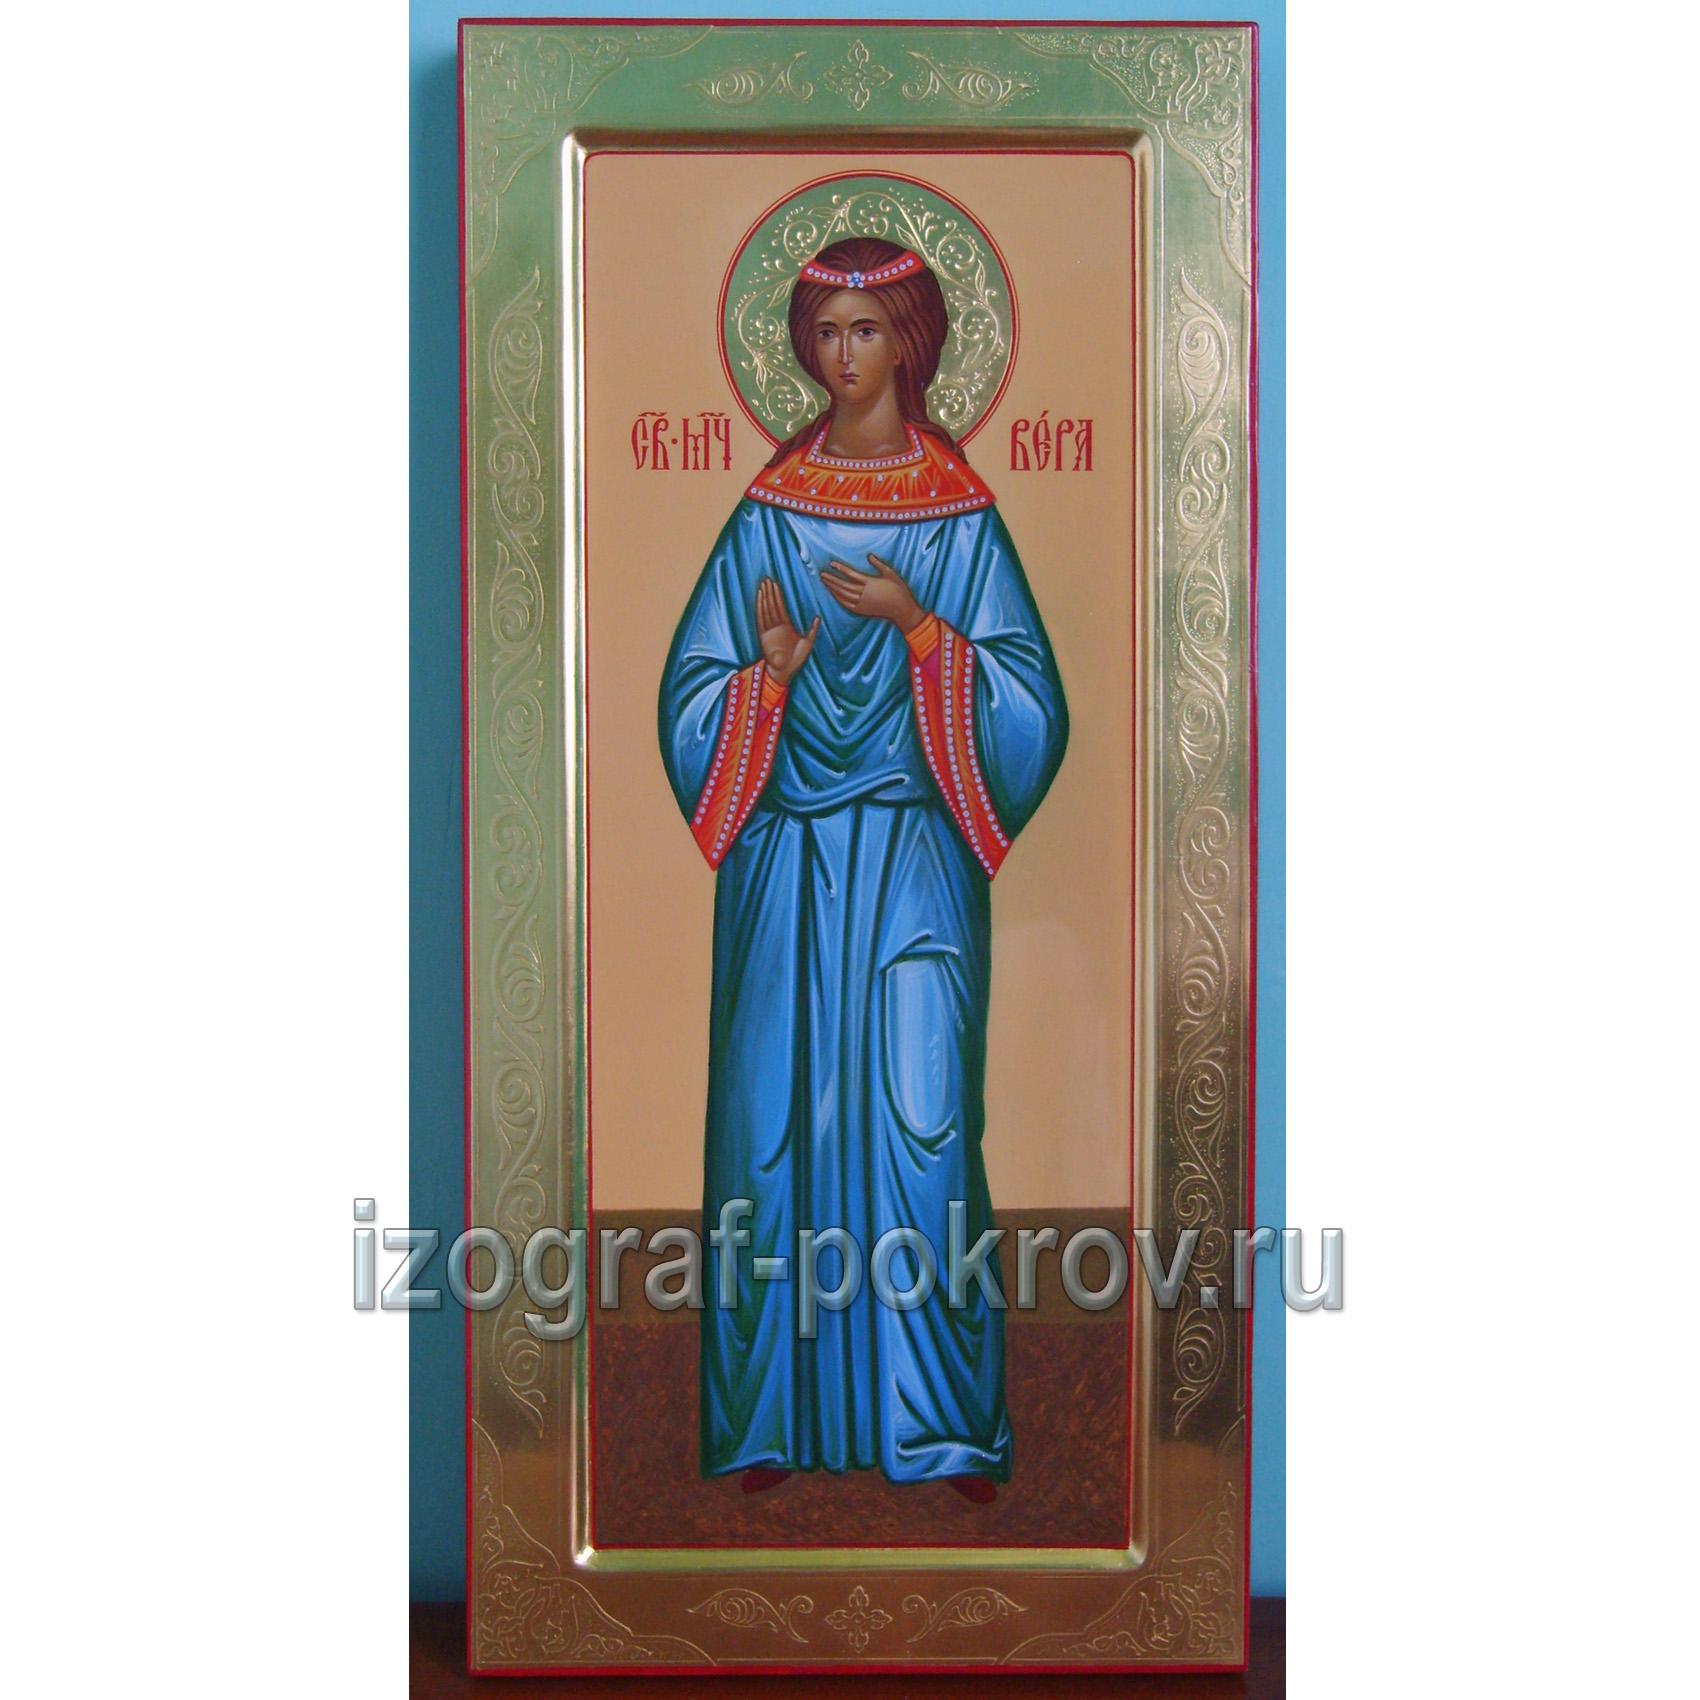 Мерная икона мученица Вера с узорчатым золотым оформлением рамки и нимба